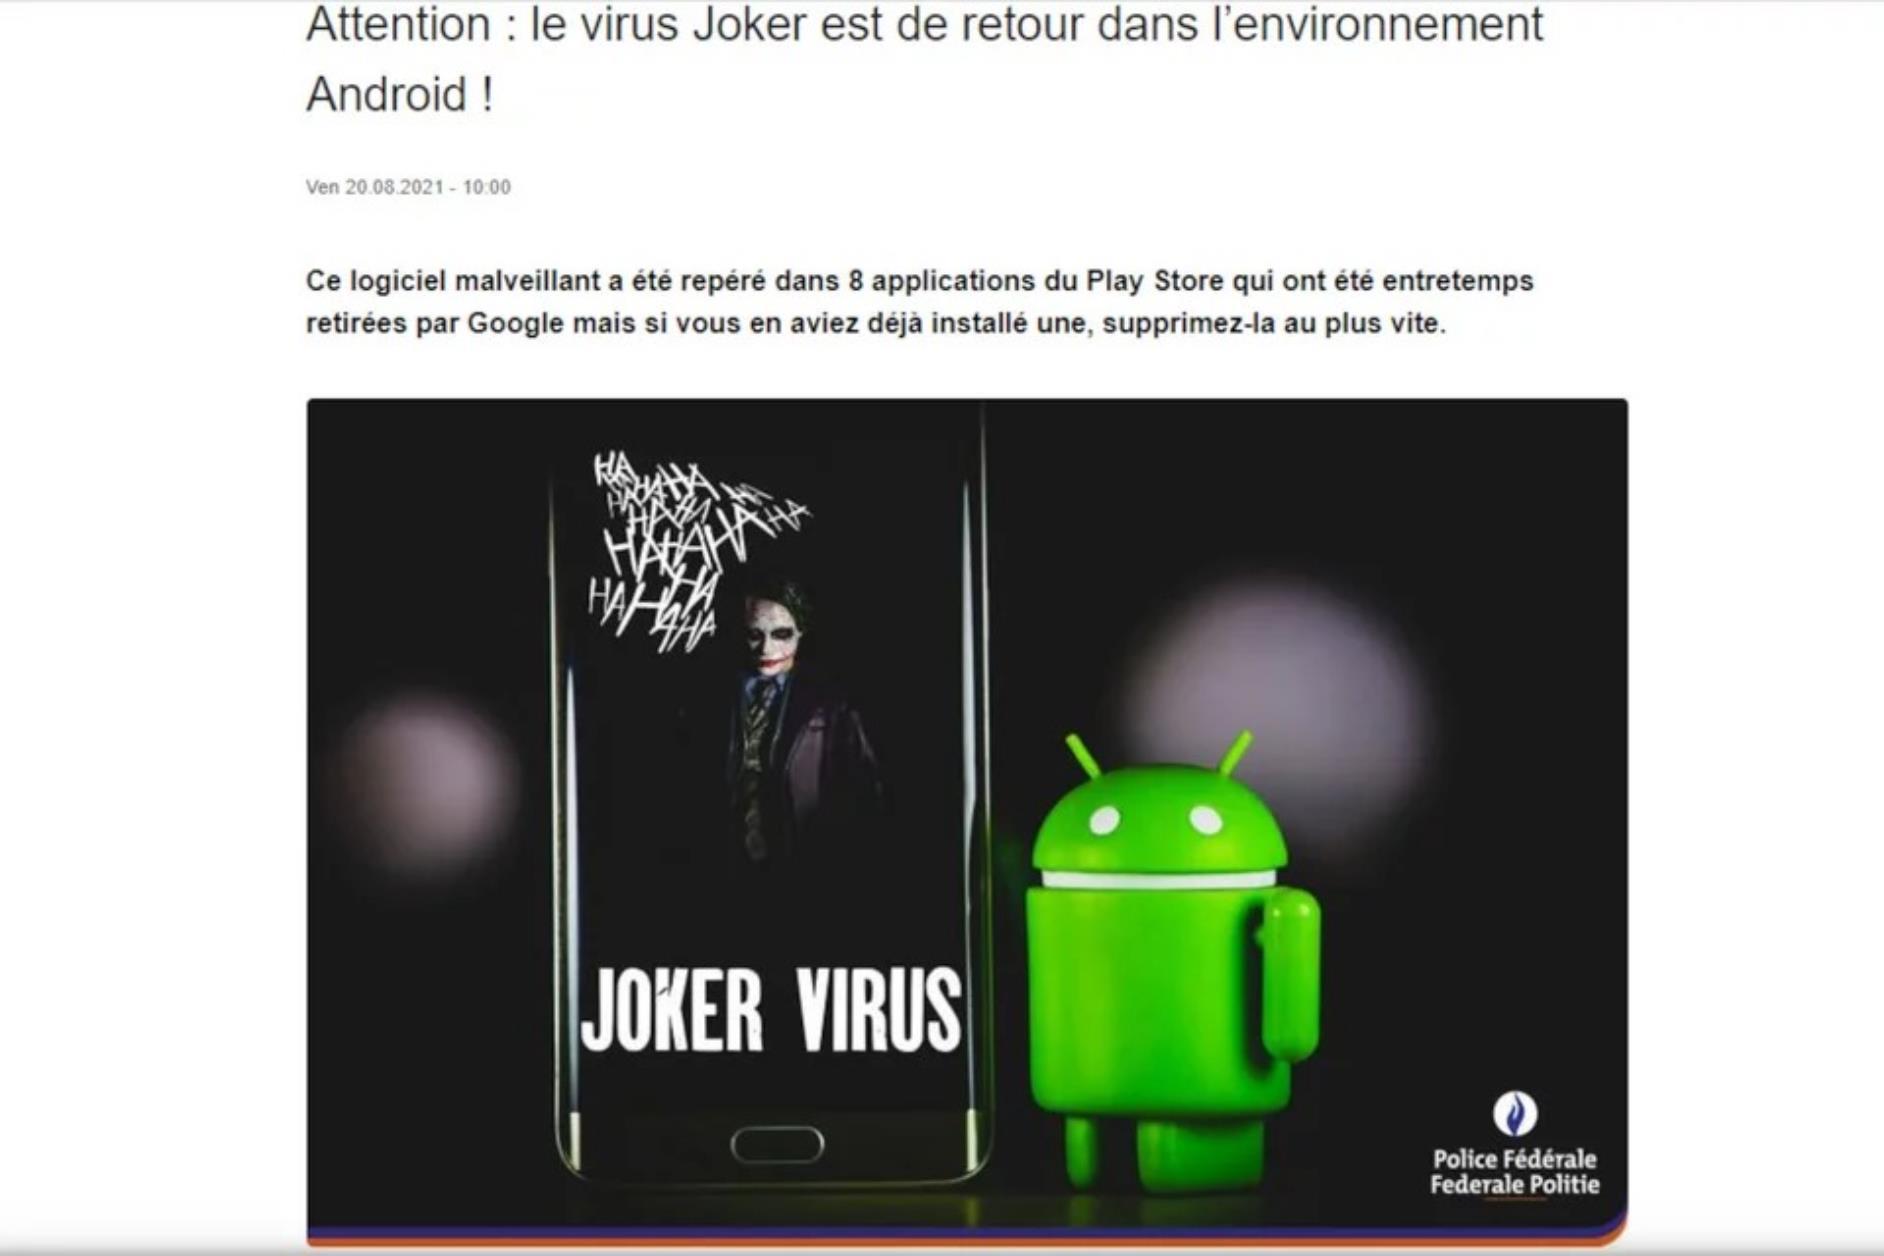 Τι είναι ο ιός Joker που πλήττει συσκευές Android